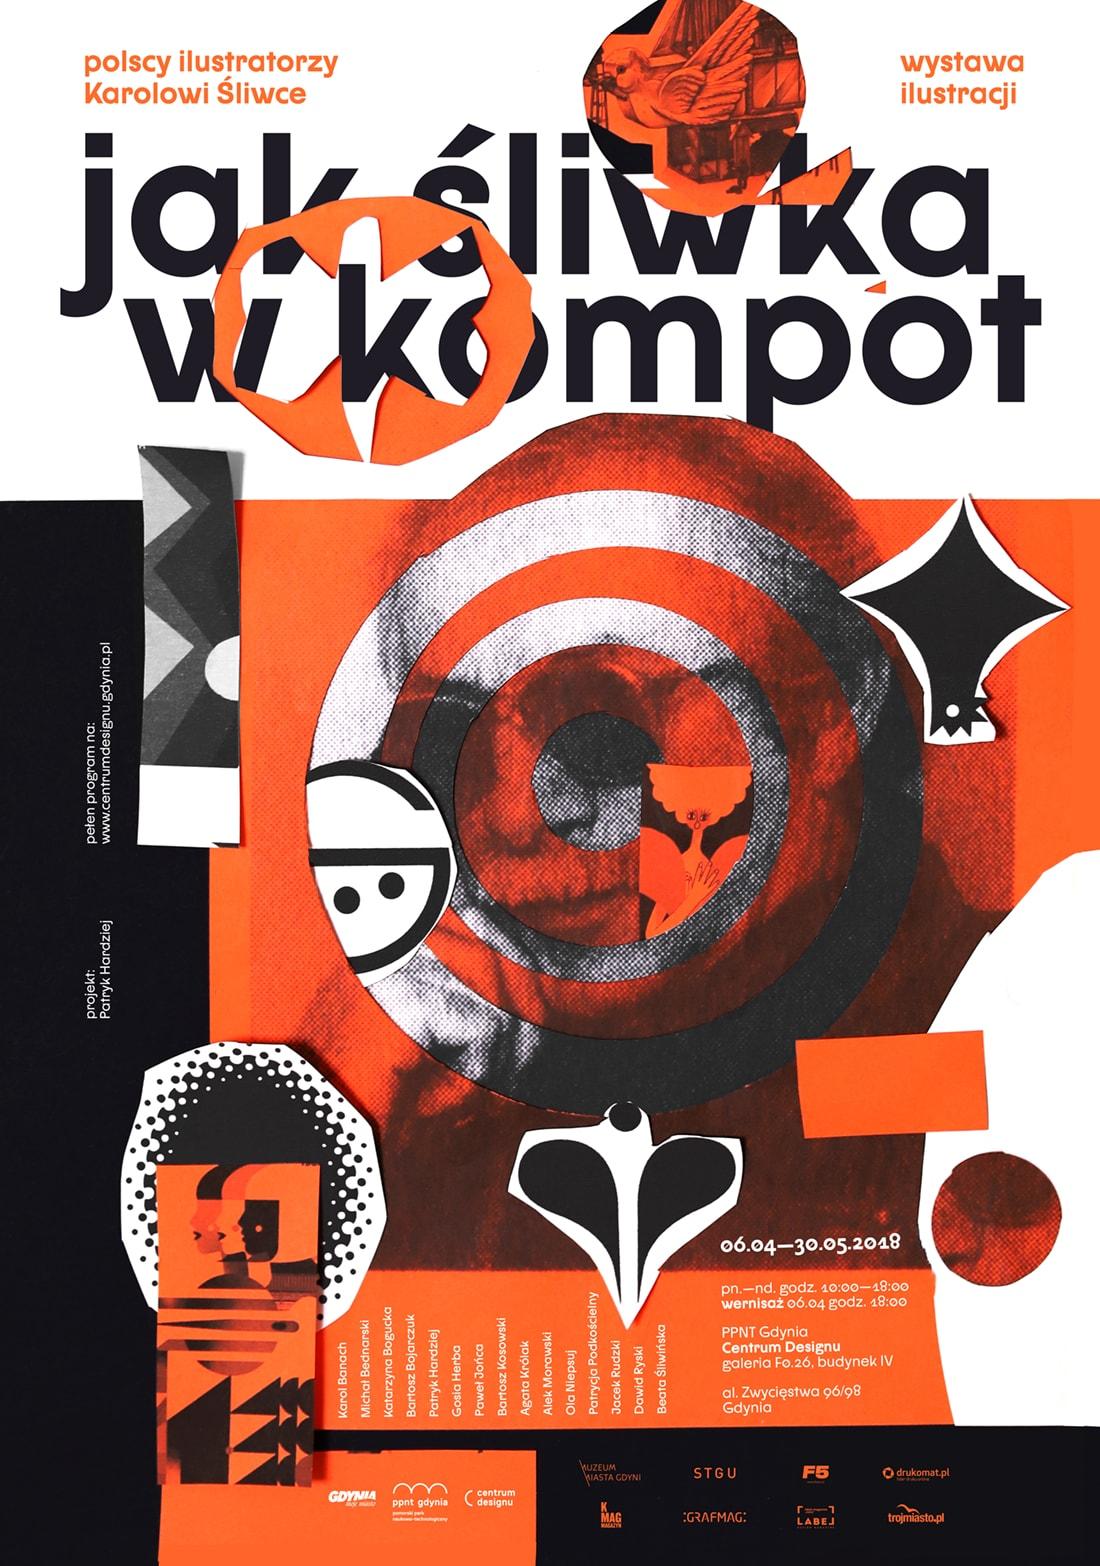 """""""Jak śliwka w kompot. Polscy ilustratorzy Karolowi Śliwce"""", PPNT Gdynia, Centrum Designu, plakat (źródło: materiały prasowe organizatora)"""